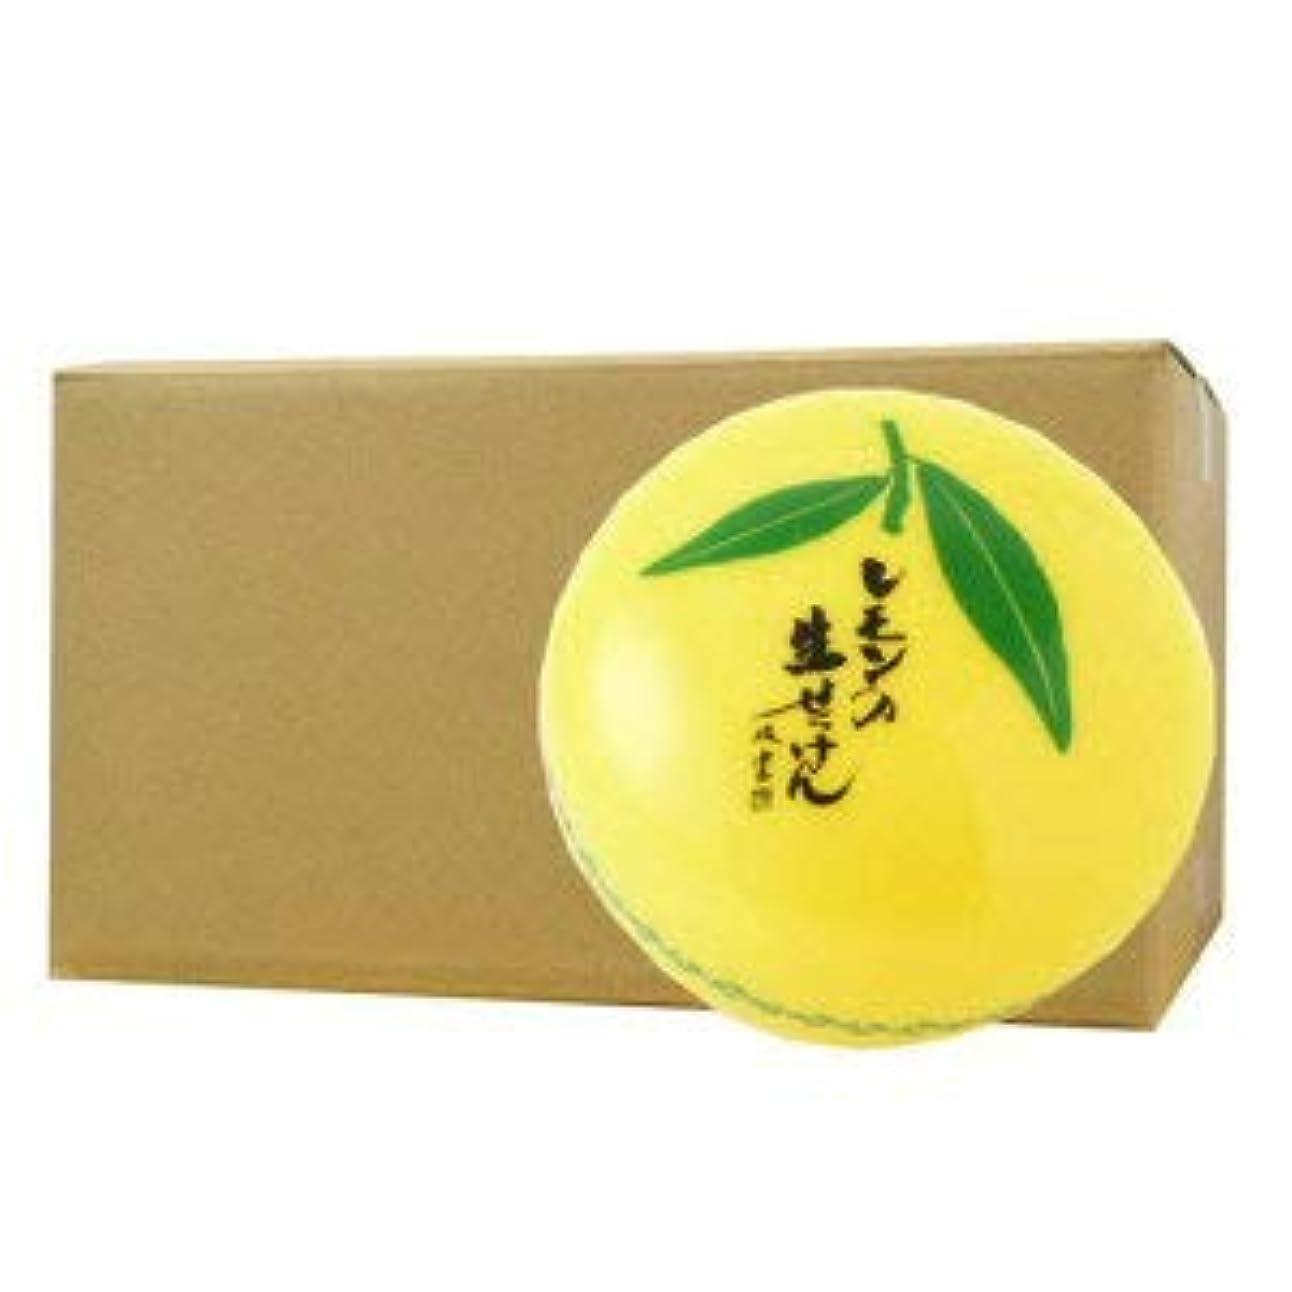 雨雄弁行商人UYEKI美香柑レモンの生せっけん50g×72個セット